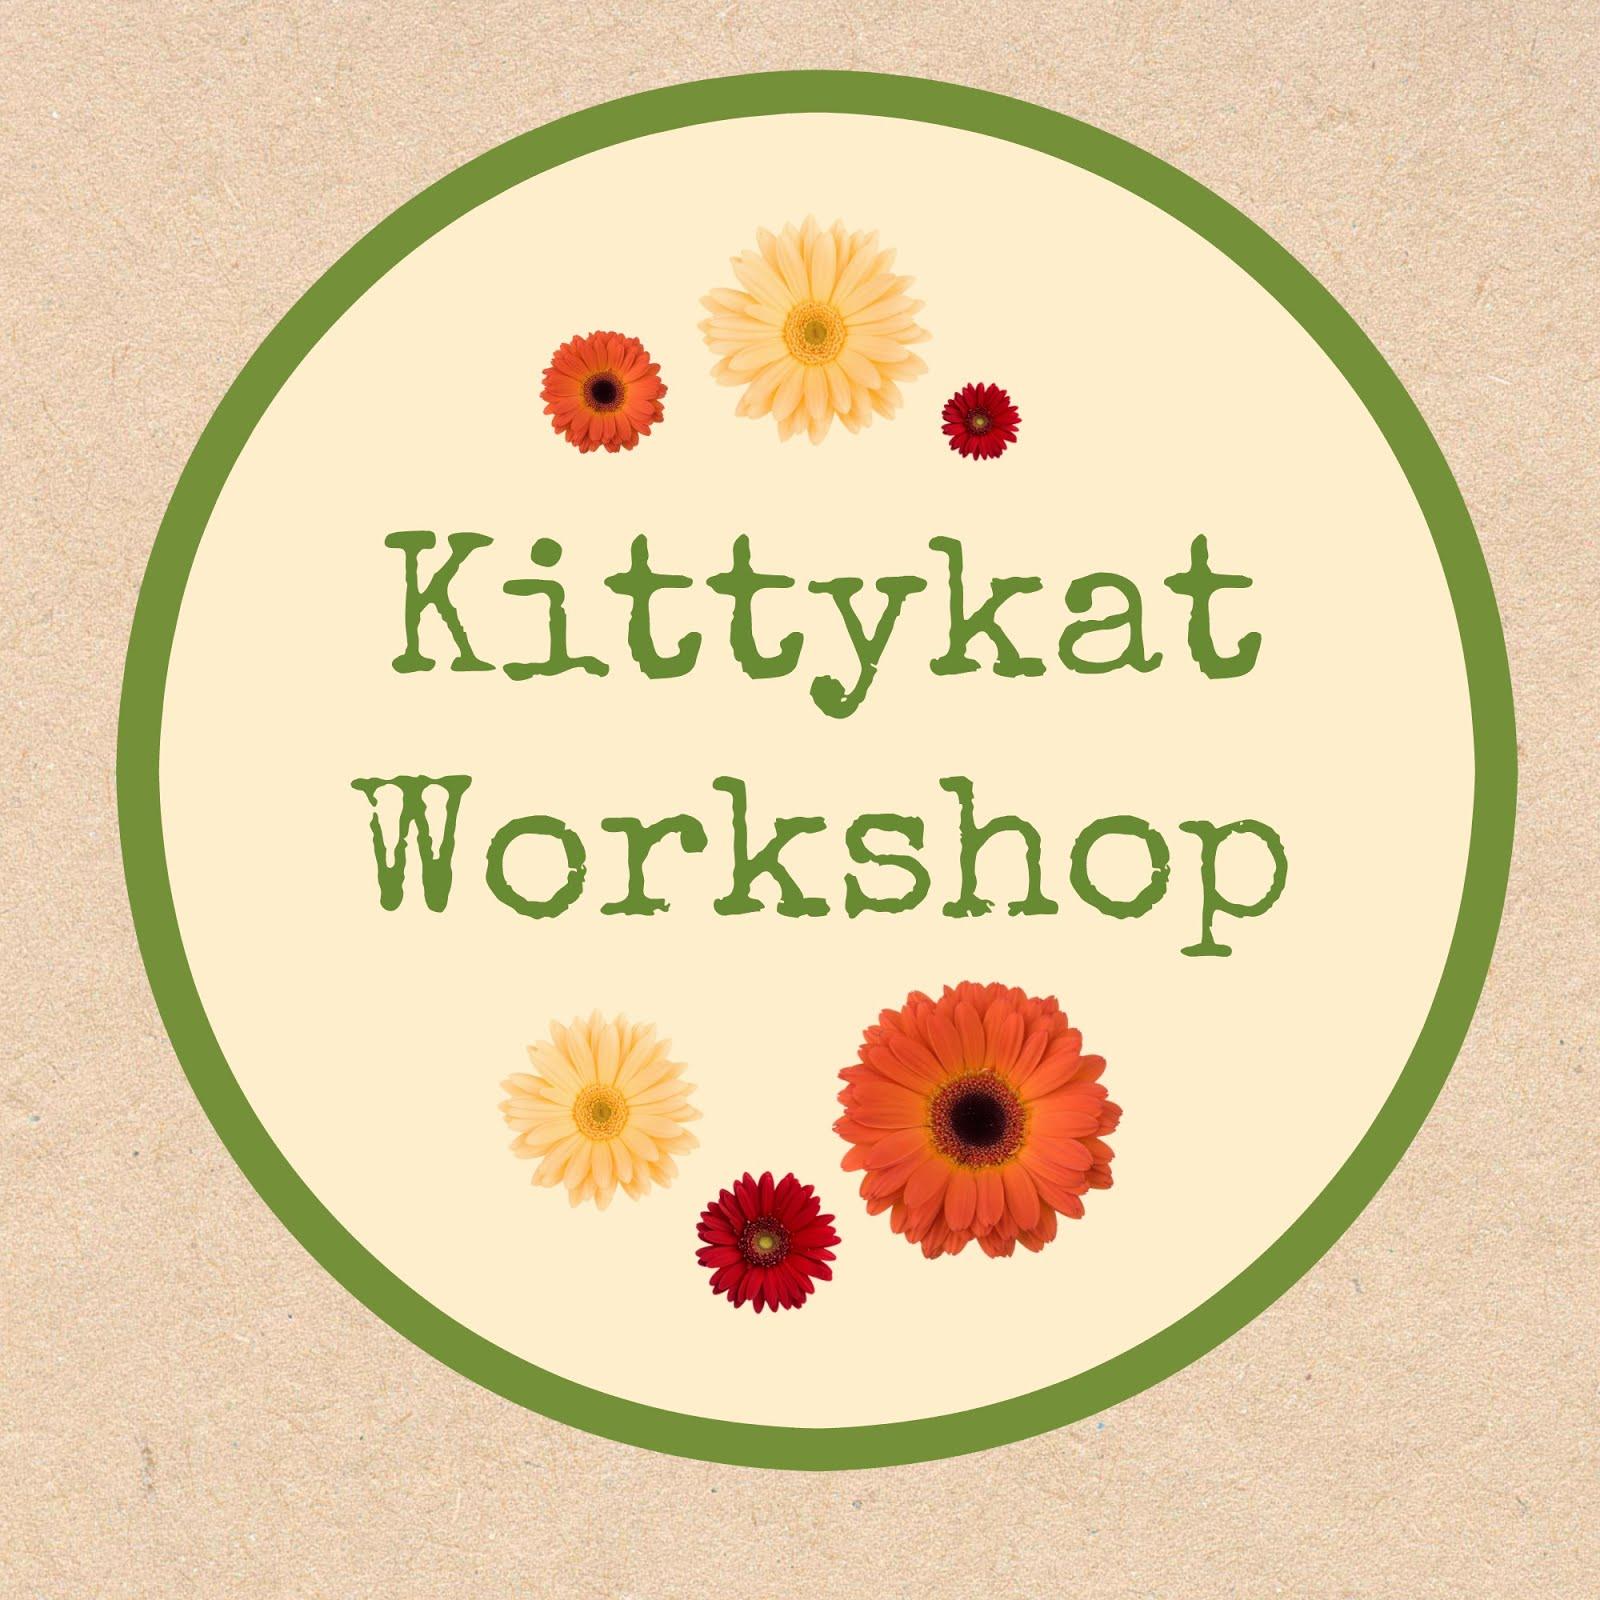 Kittykat Workshop